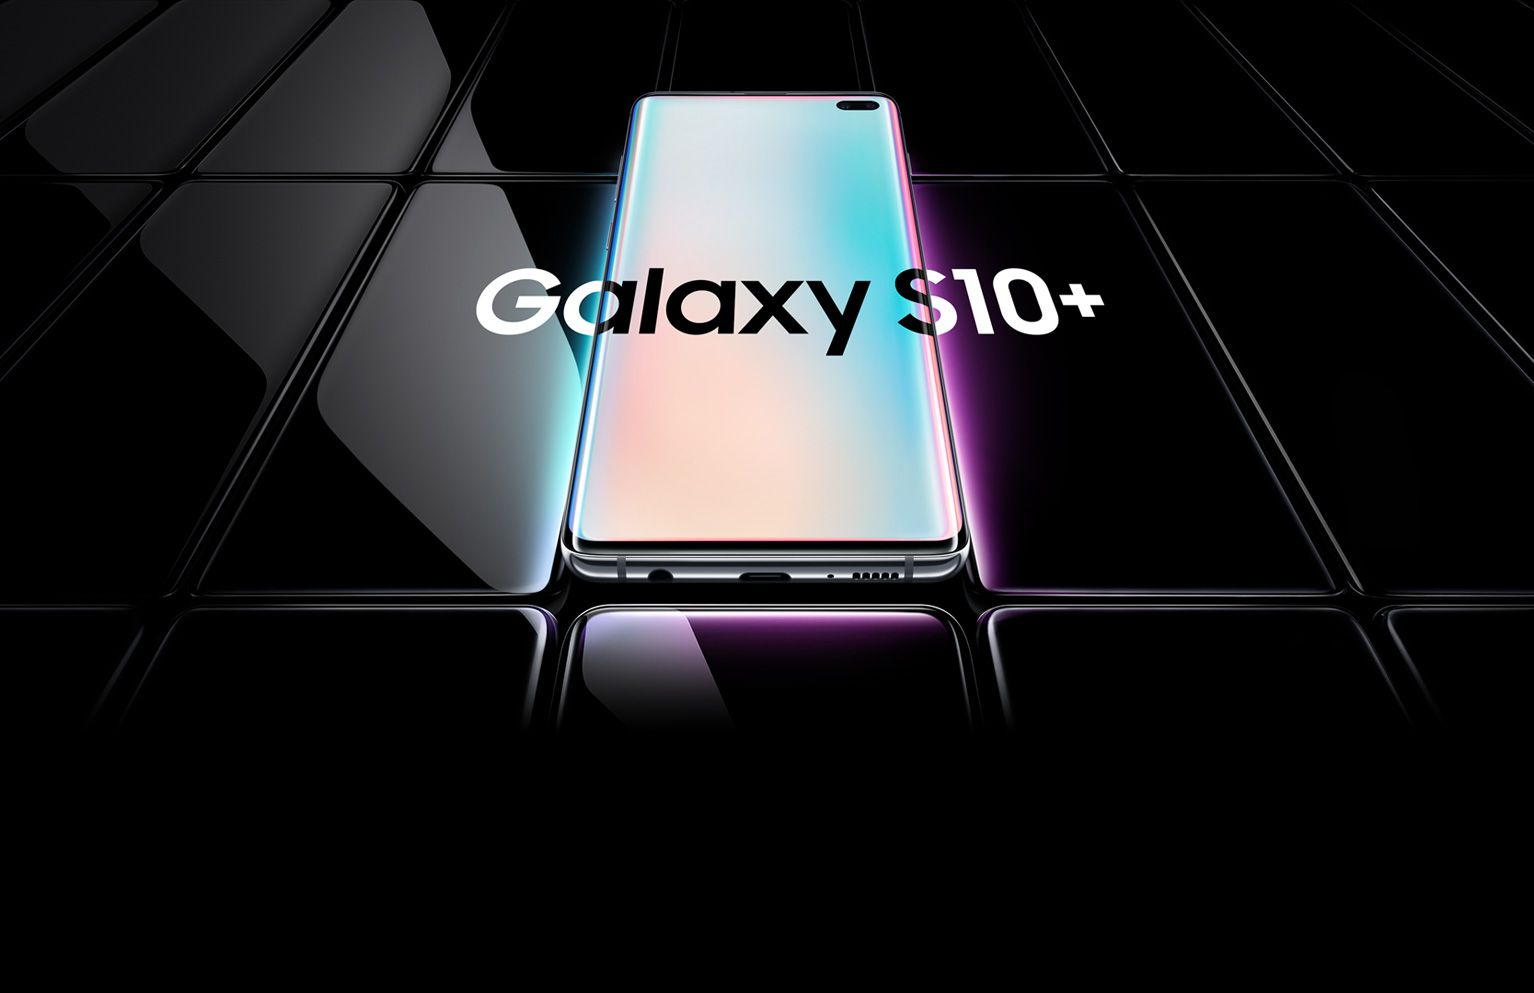 Nuovo Samsung Galaxy S10 memorizzera le chiavi private della blockchain oppure no - Nuovo Samsung Galaxy S10 memorizzerà le chiavi private della blockchain, oppure no?